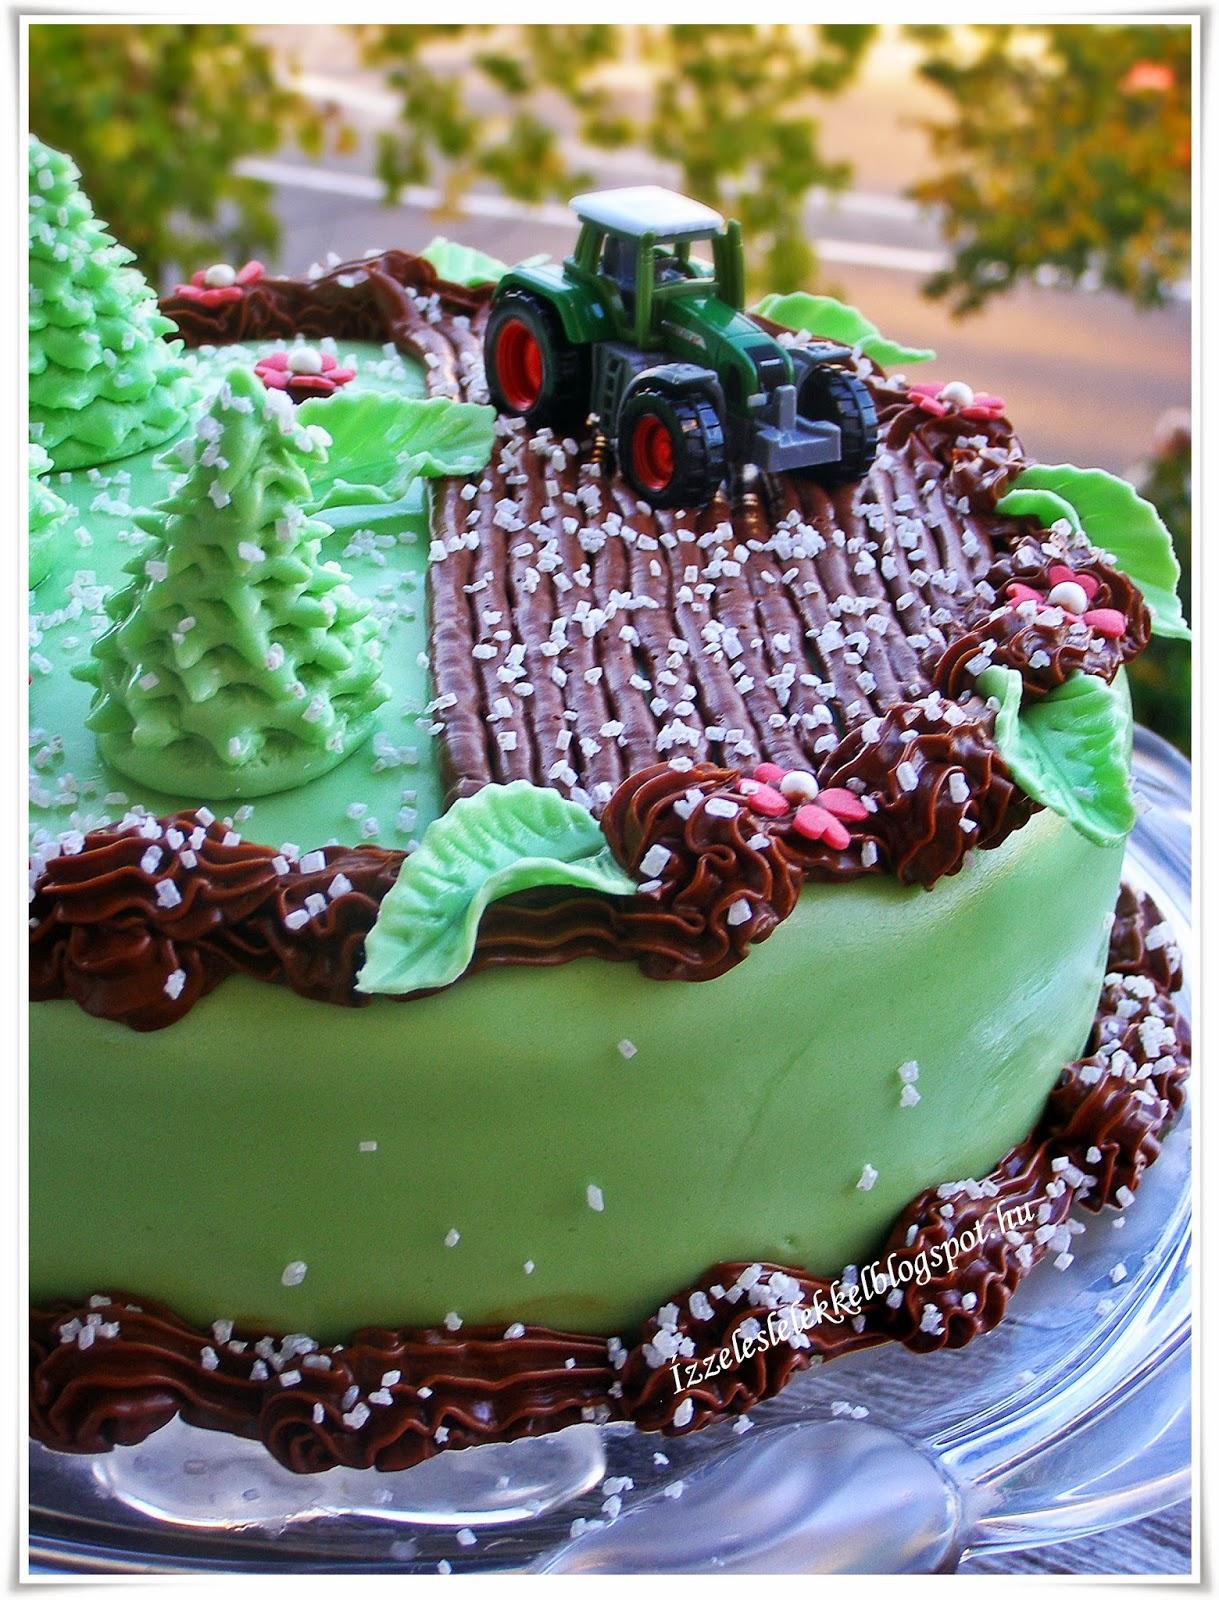 traktoros szülinapi képek ÍZZEL ÉS LÉLEKKEL: TRAKTOROS TORTA traktoros szülinapi képek